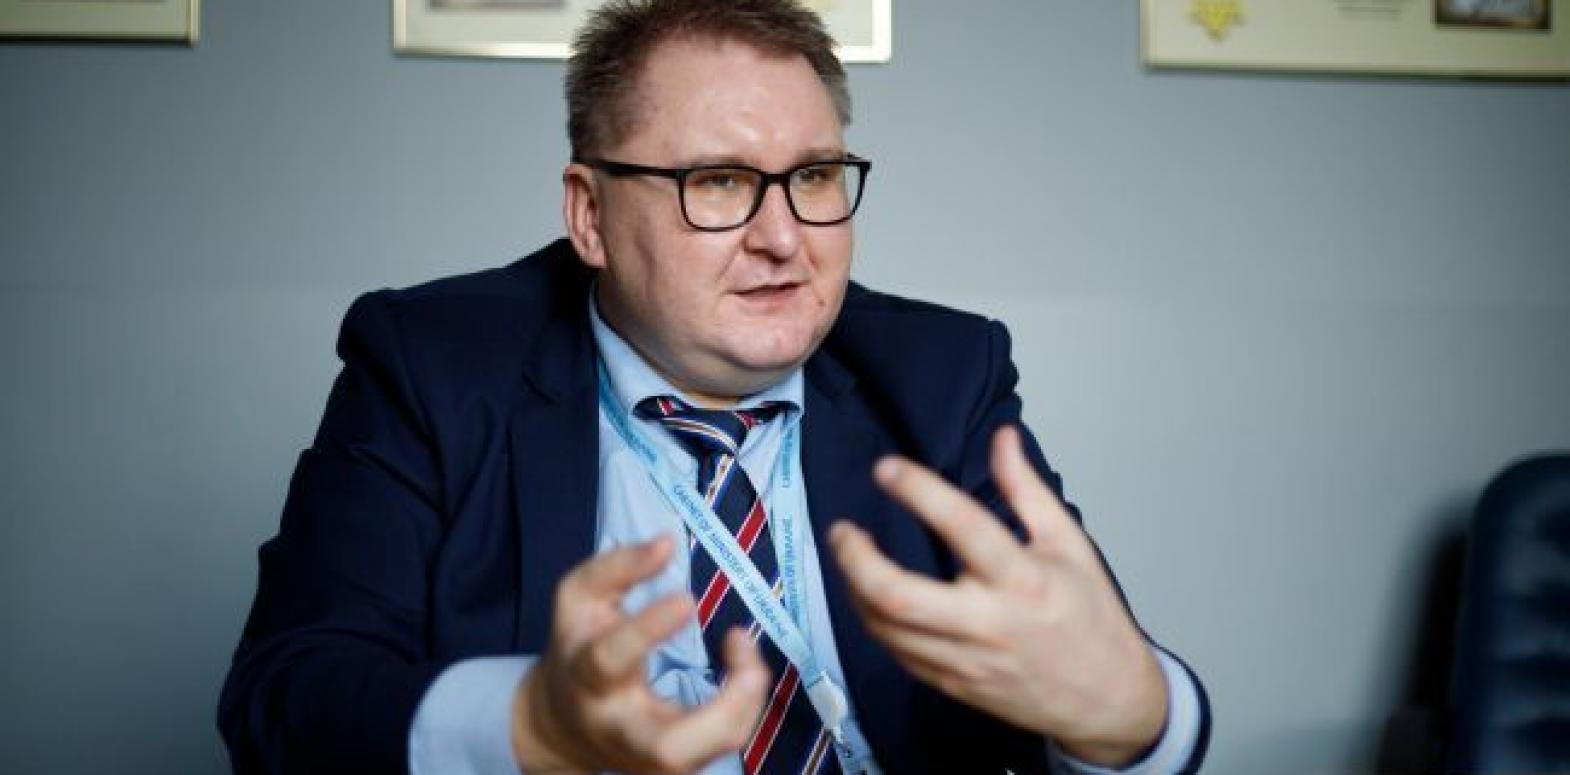 Украина дошла до максимального уровня торгового эмбарго с Россией, - Качка